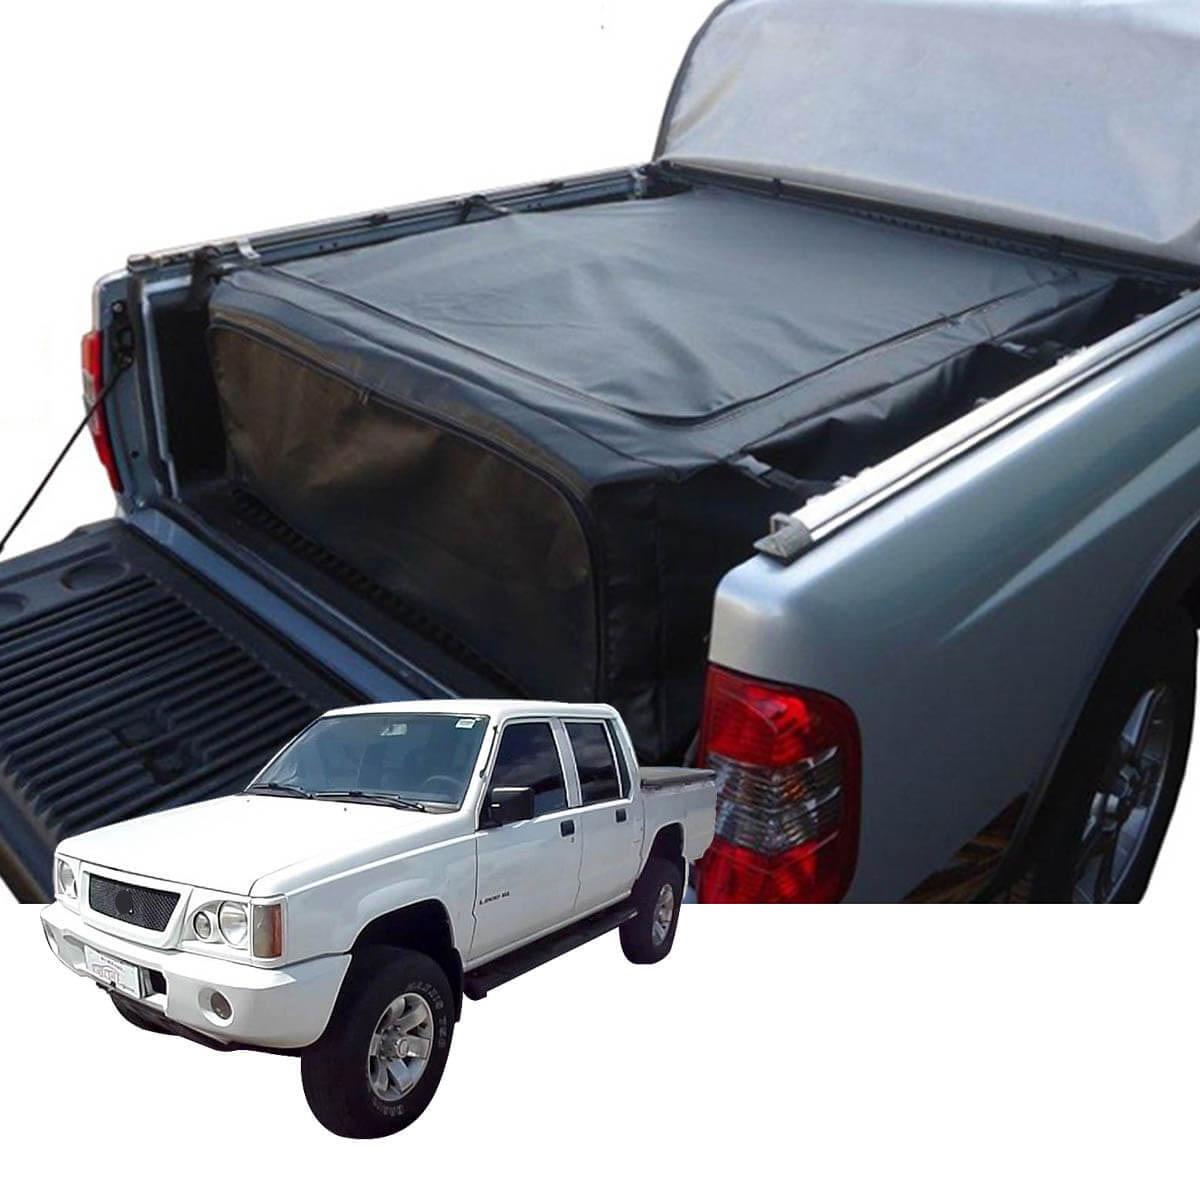 Bolsa caçamba estendida horizontal L200 GL 1999 a 2005 ou L200 GLS 1999 a 2007